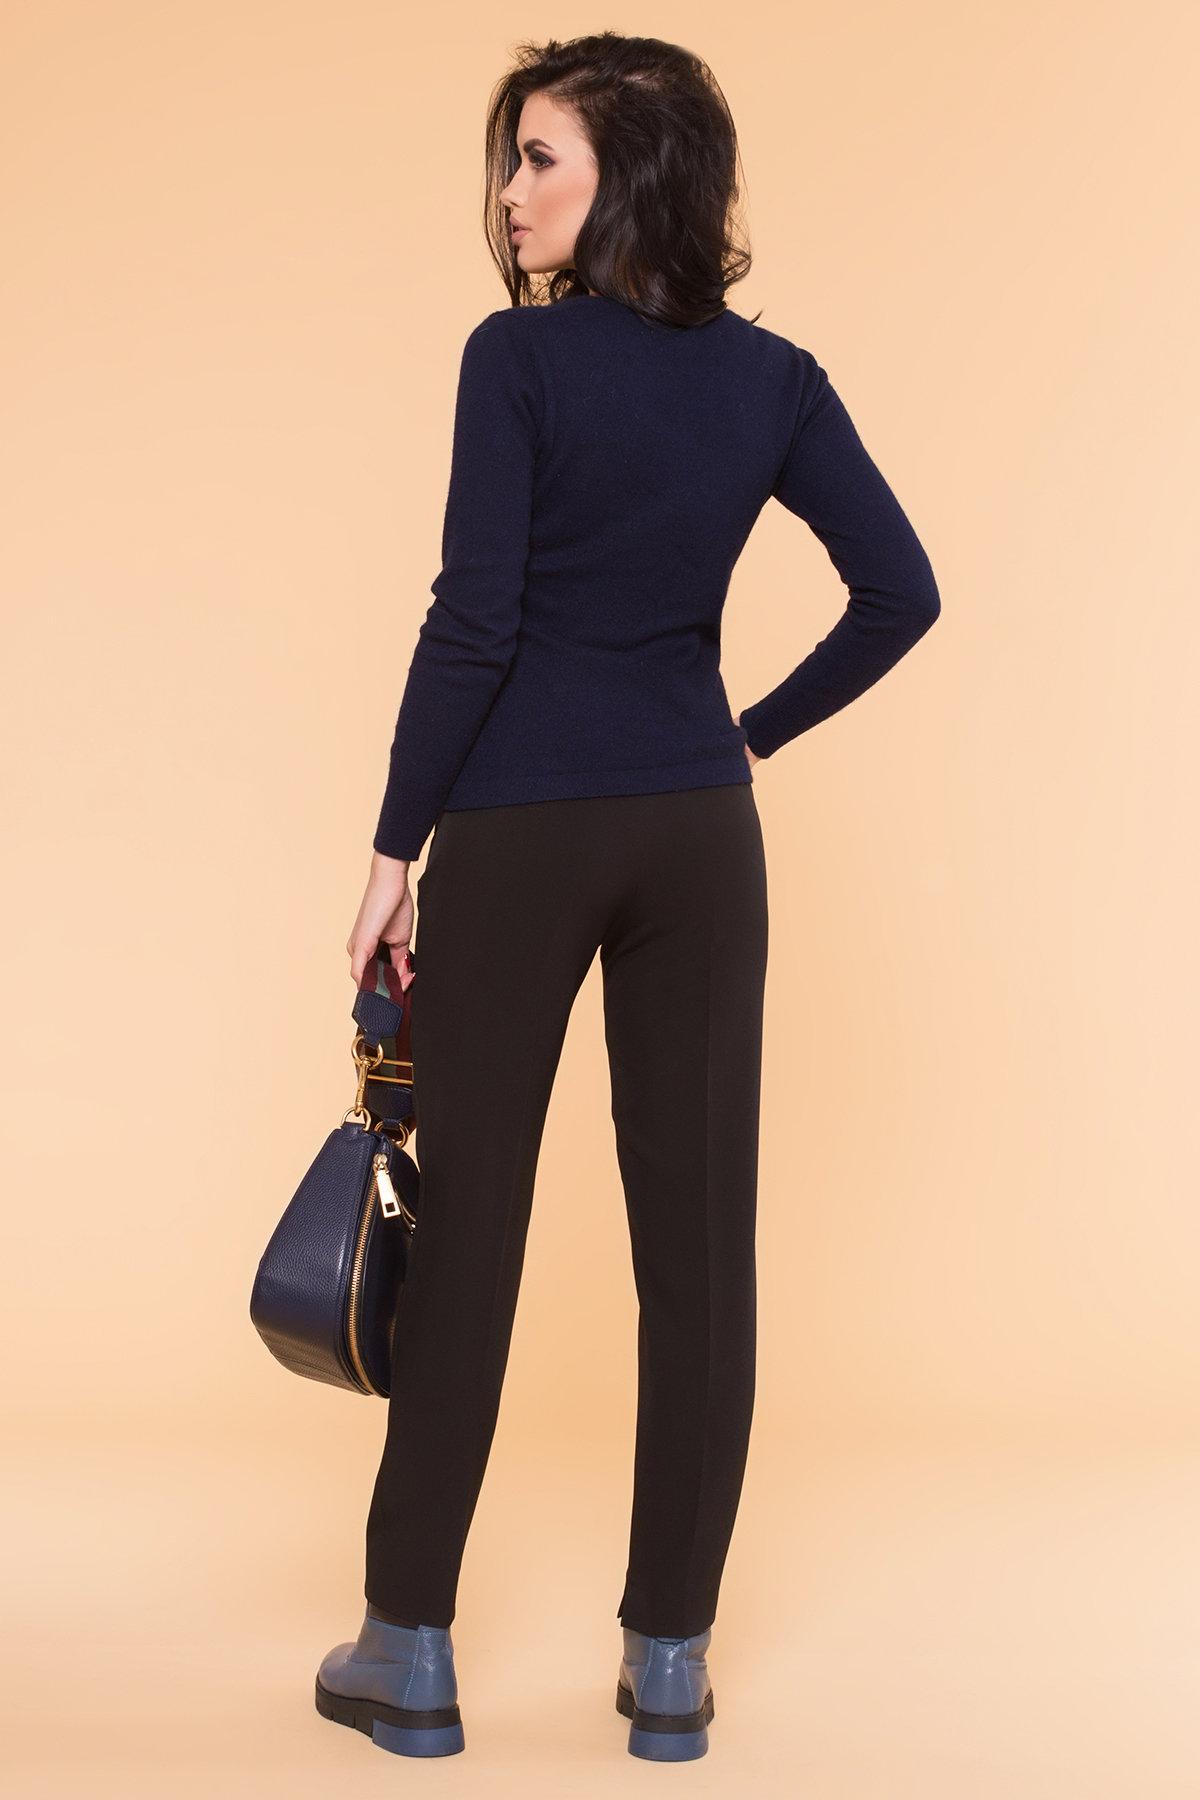 Базовые брюки со стрелками Эдвин 2467 АРТ. 16304 Цвет: Черный - фото 4, интернет магазин tm-modus.ru